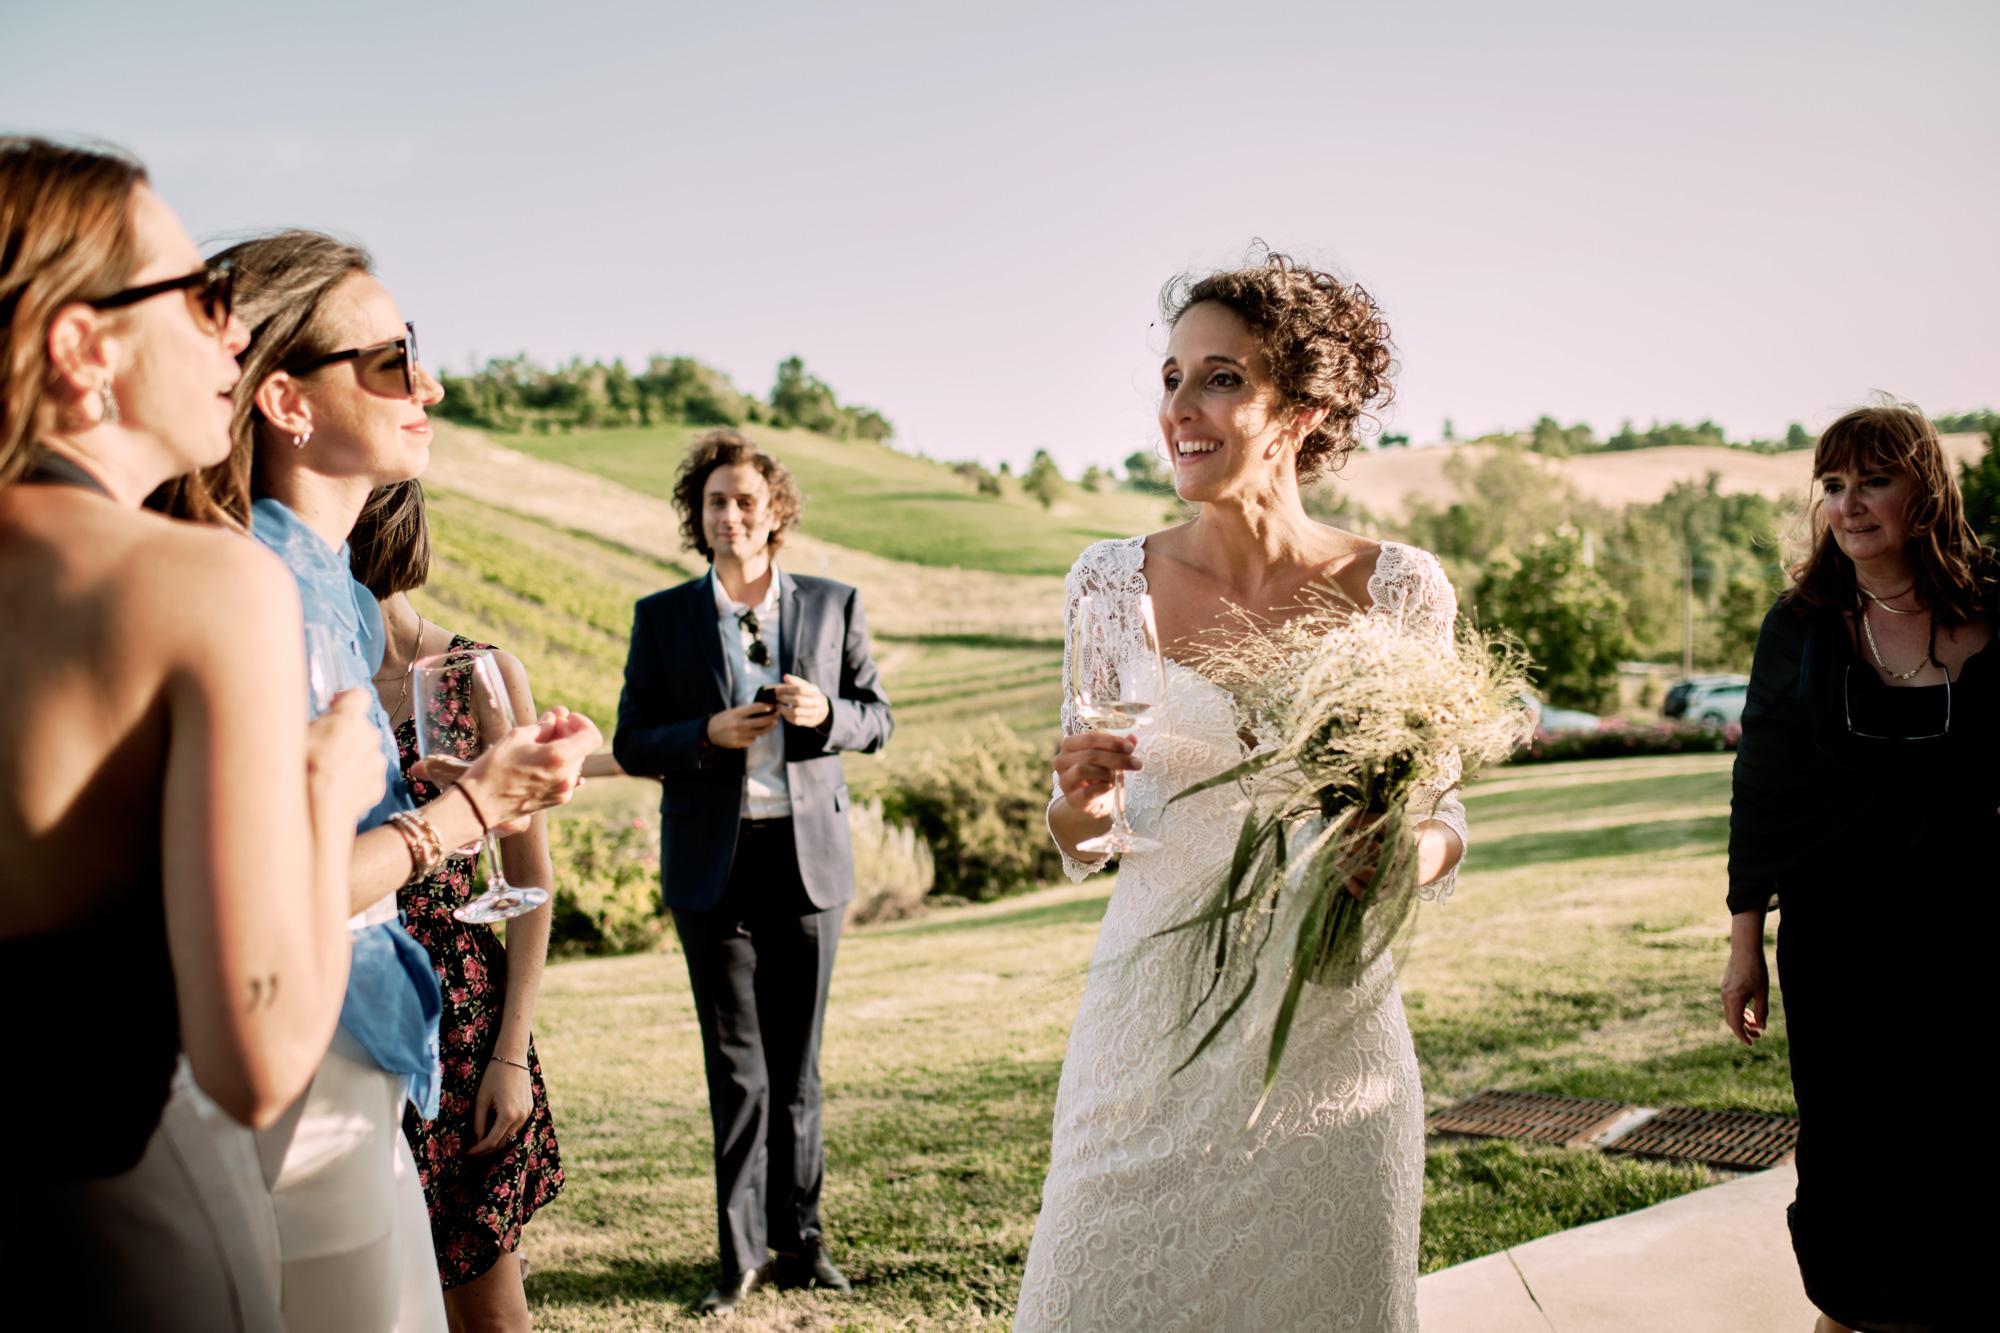 34A-ivano_di_maria_fotografo_matrimonio_ margh_loren